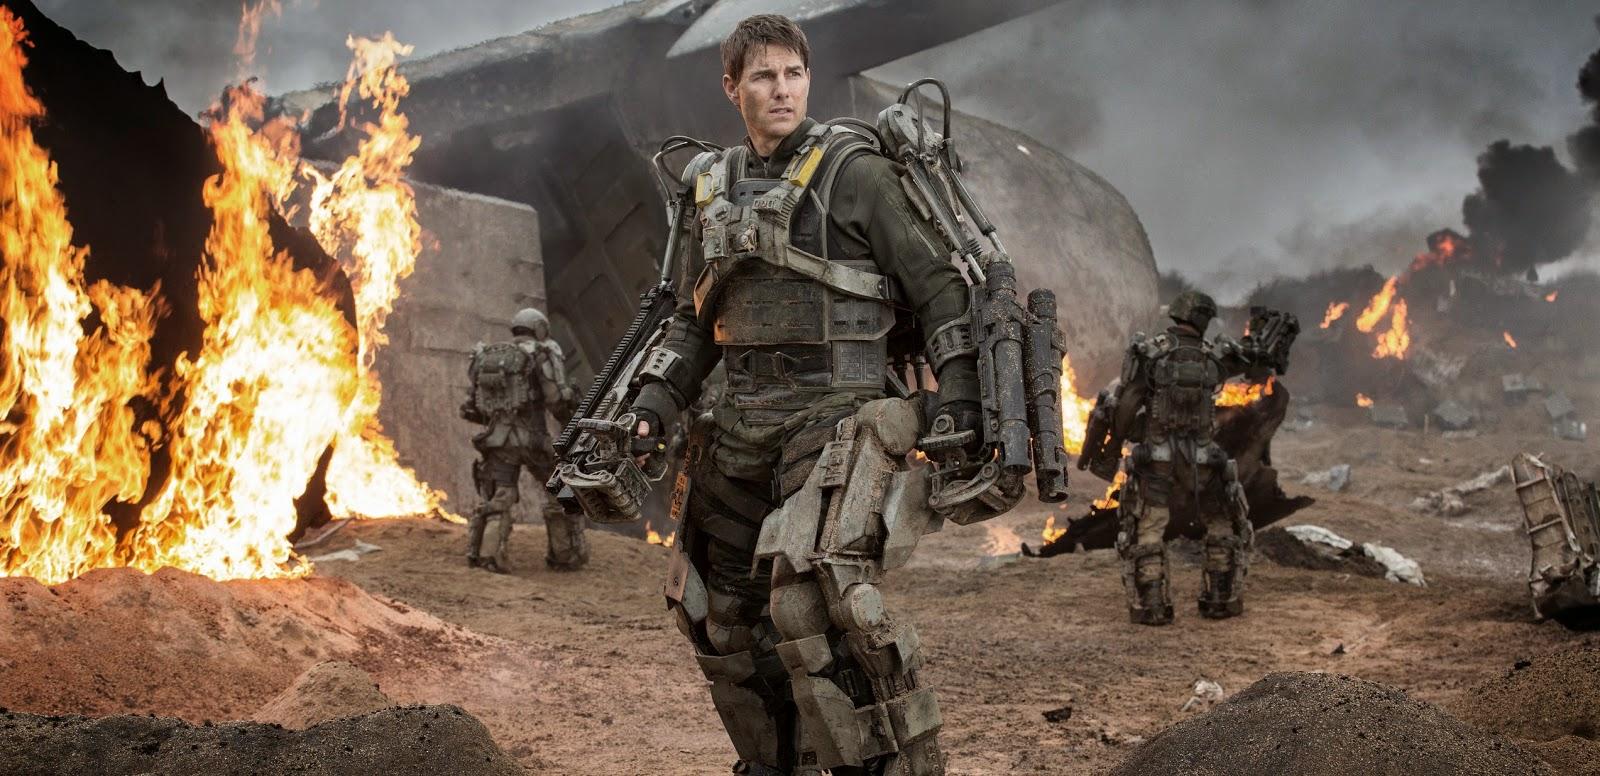 Ação ininterrupta em clipes inéditos da ficção No Limite do Amanhã, com Tom Cruise e Emily Blunt